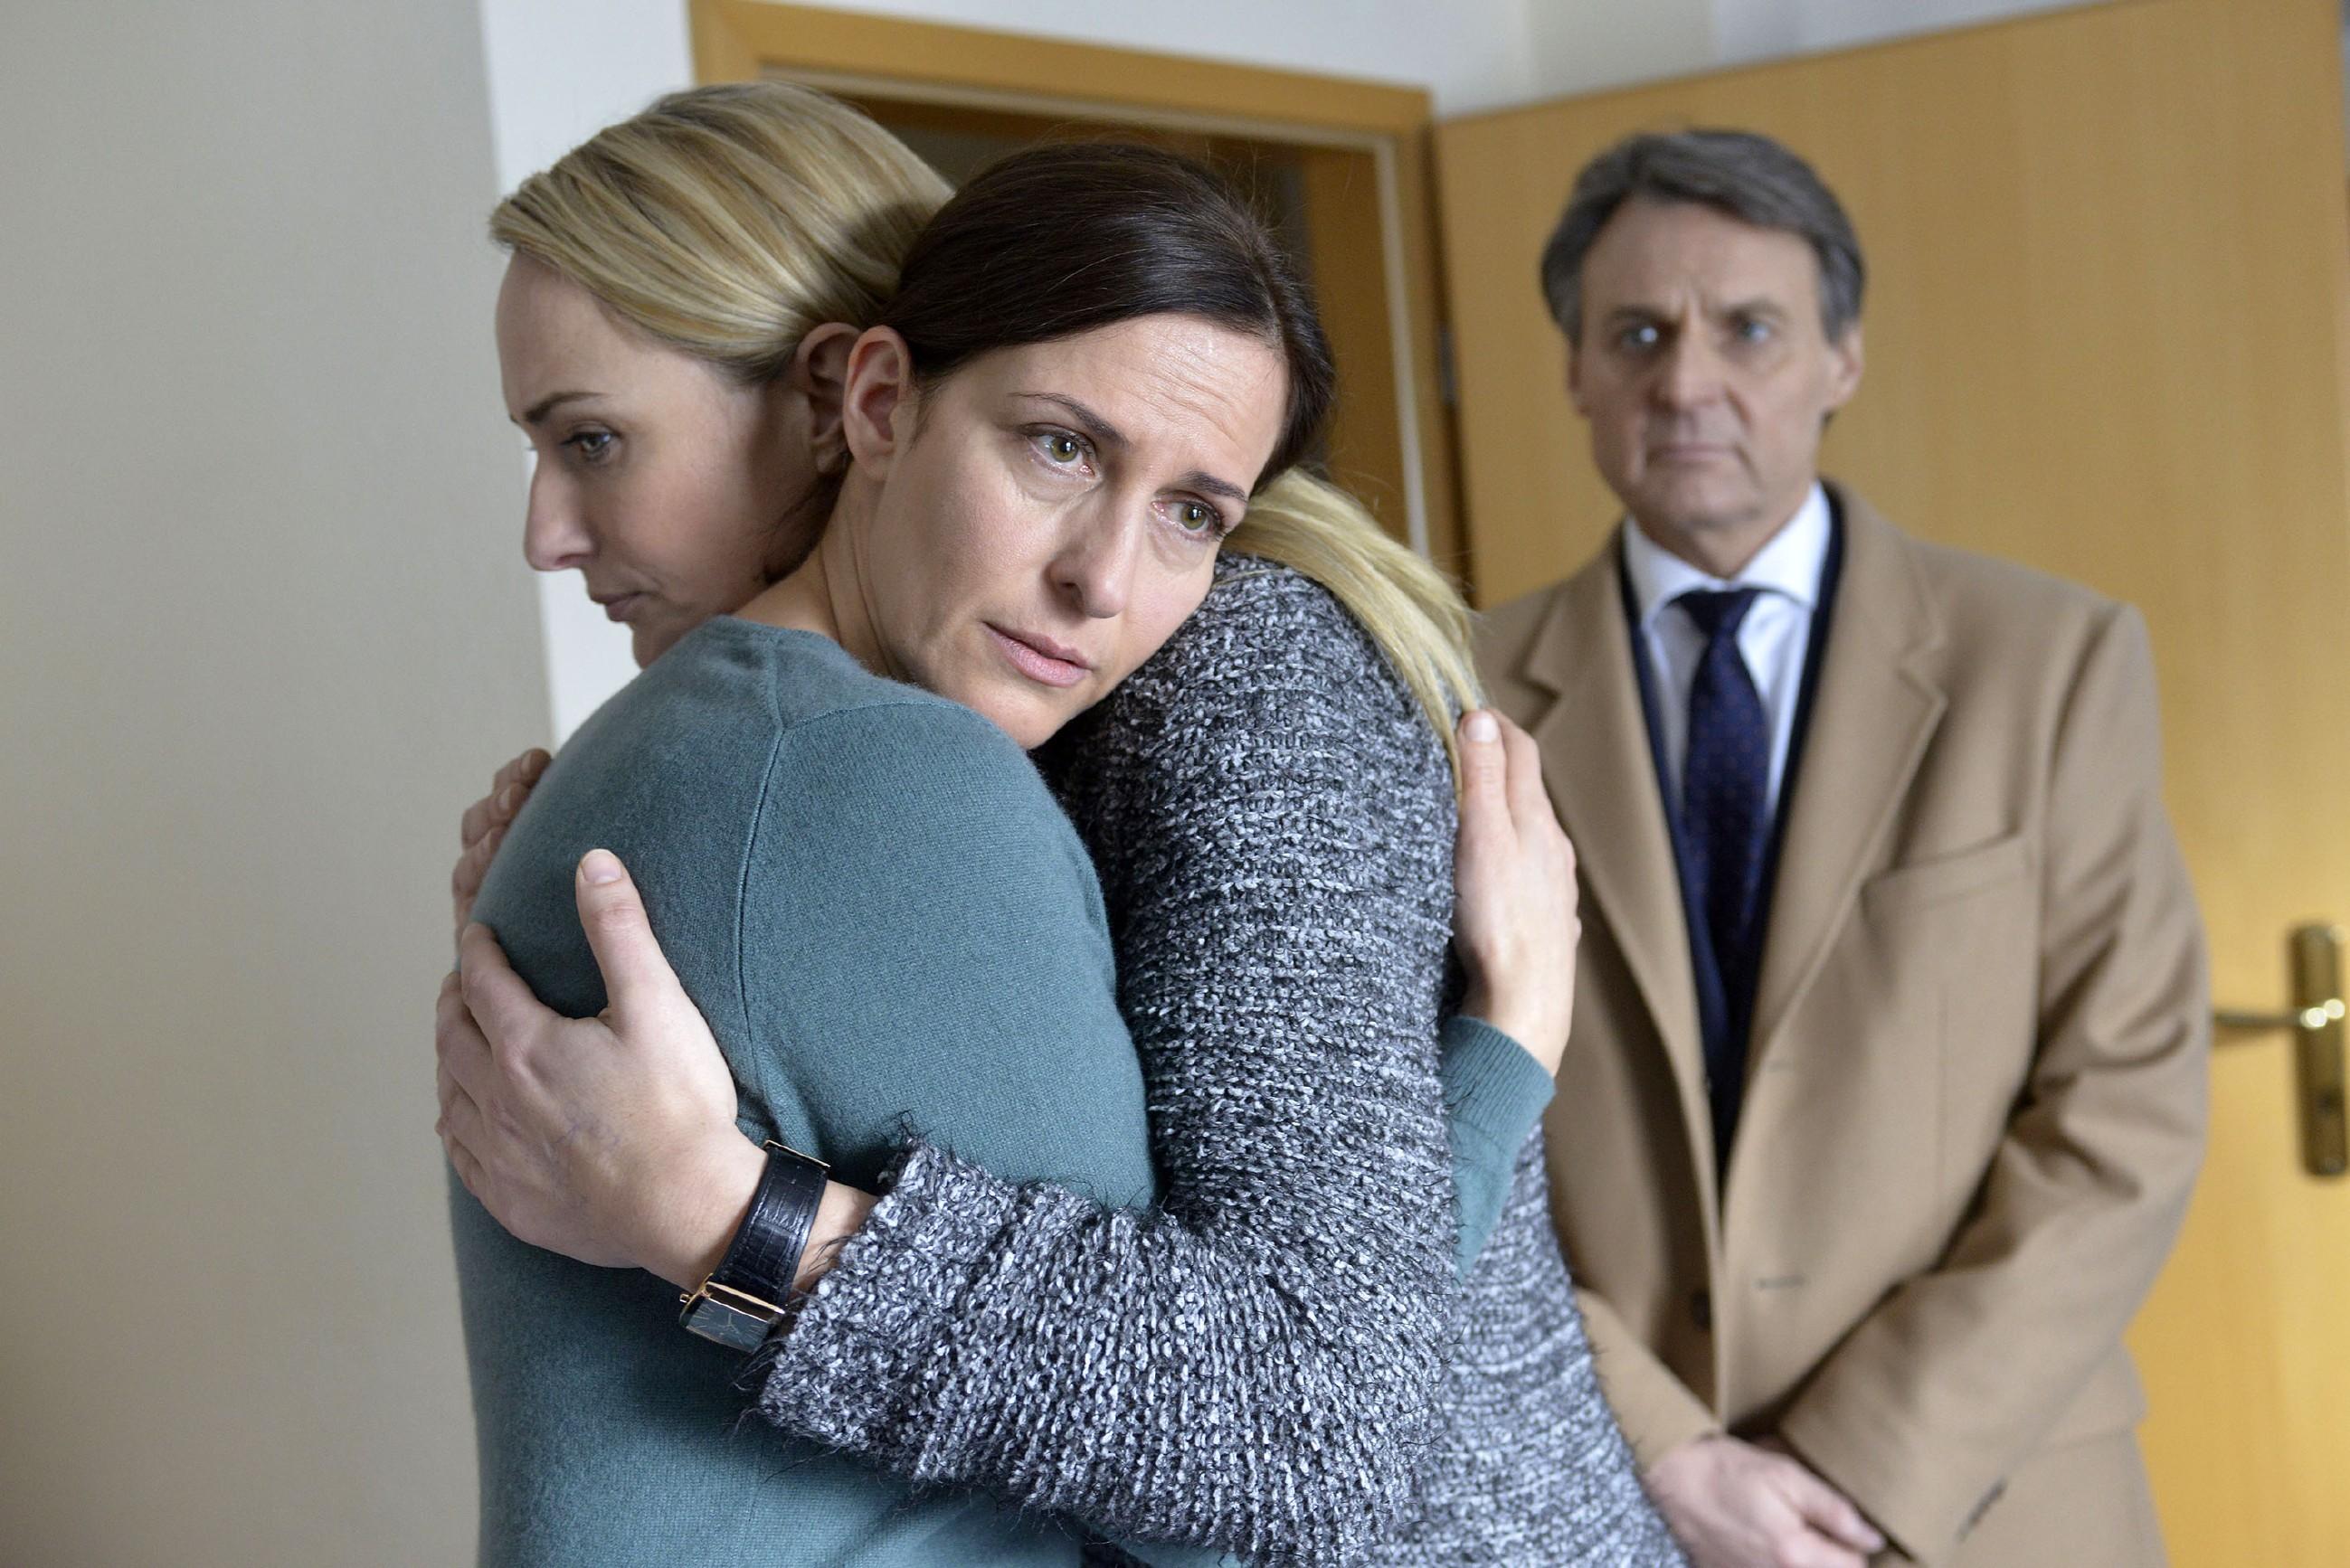 Maren (Eva Mona Rodekirchen, l.) und Gerner (Wolfgang Bahro) finden die benommene Katrin (Ulrike Frank) in ihrem Hotelzimmer in Schweden vor und wollen sie zurück nach Berlin bringen.